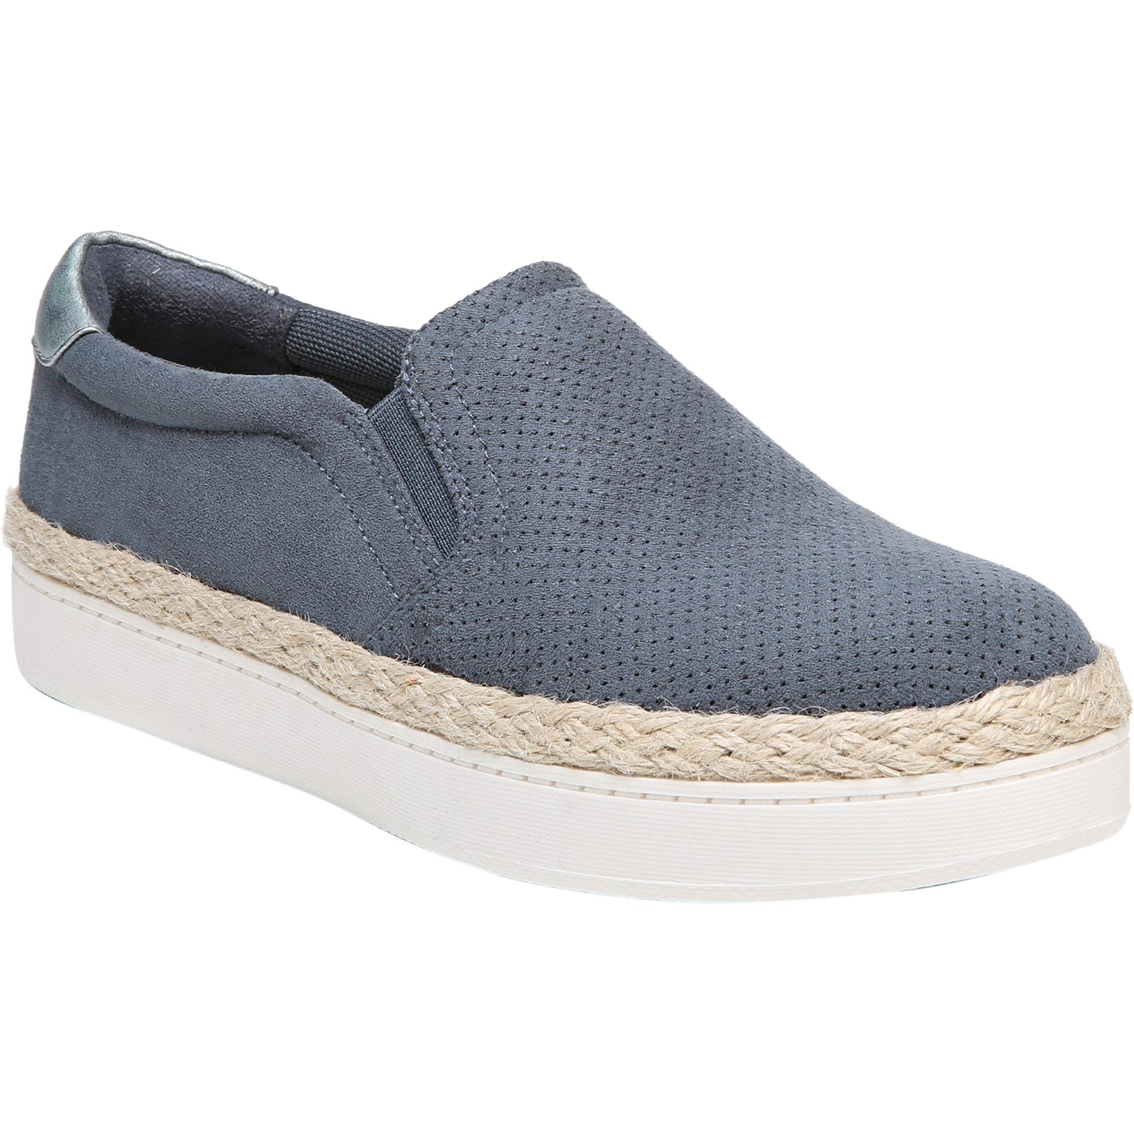 Dr. Scholl's Madi Jute Slip On Sneakers